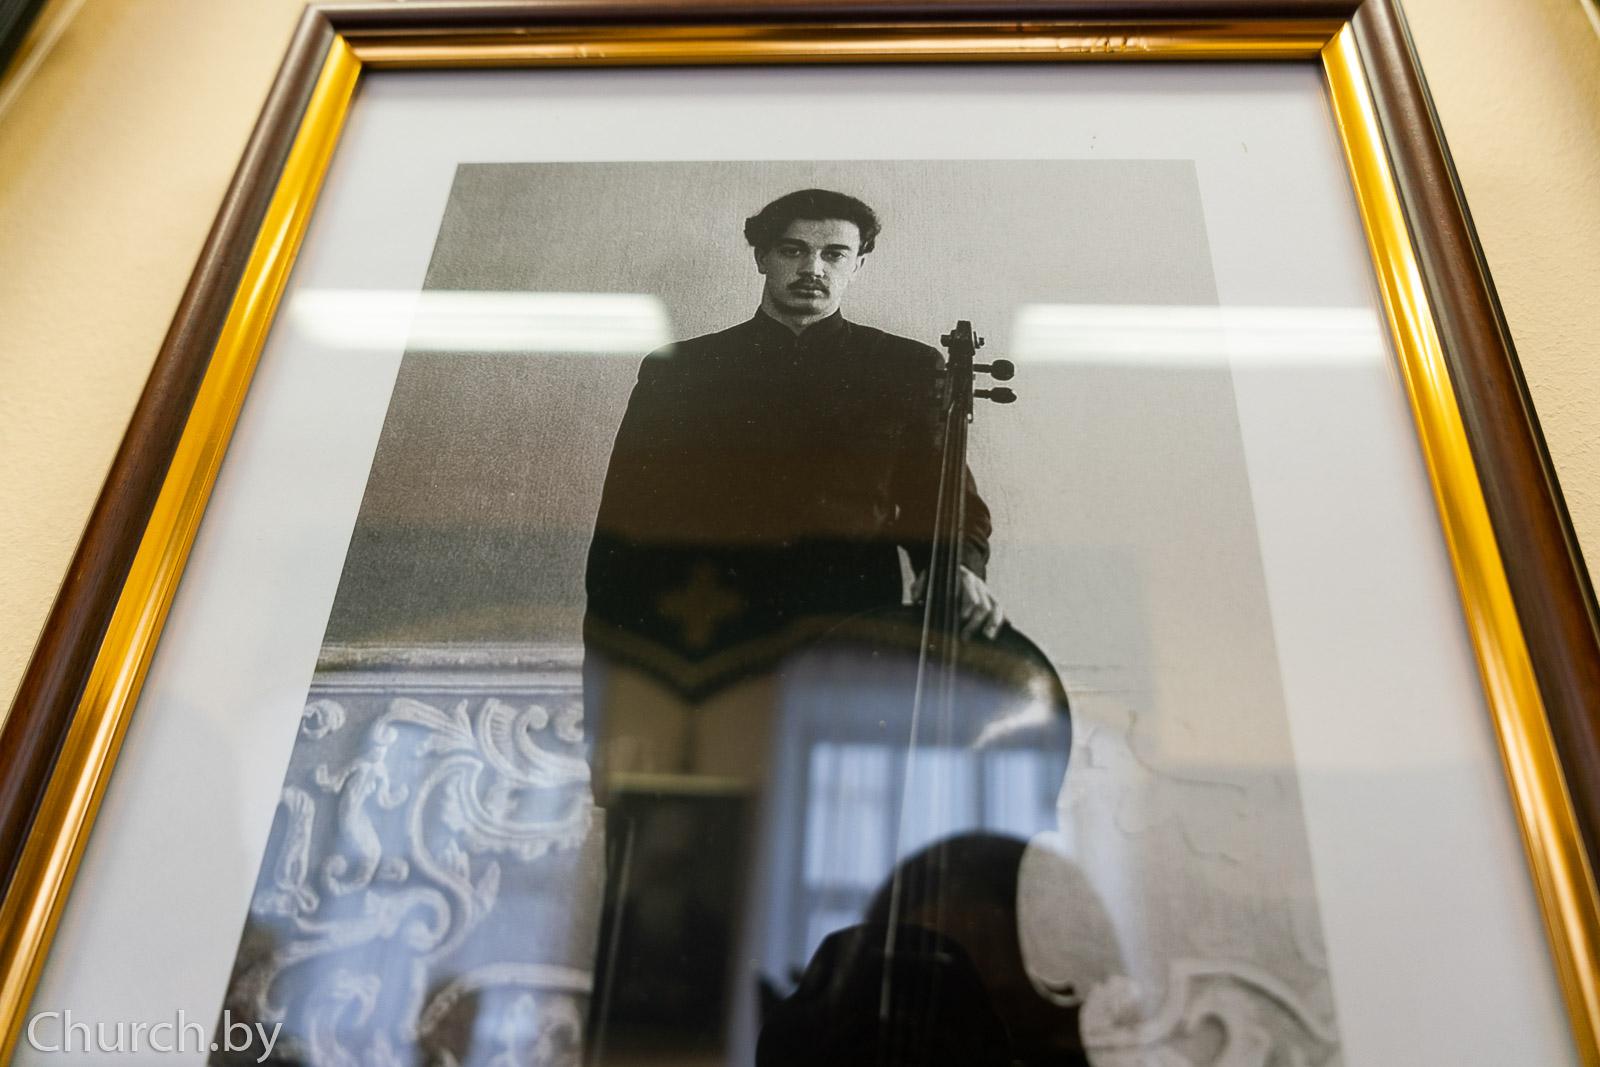 В день рождения недавно почившего митрополита Филарета (Вахромеева) в Минске открыли мемориальный кабинет его памяти